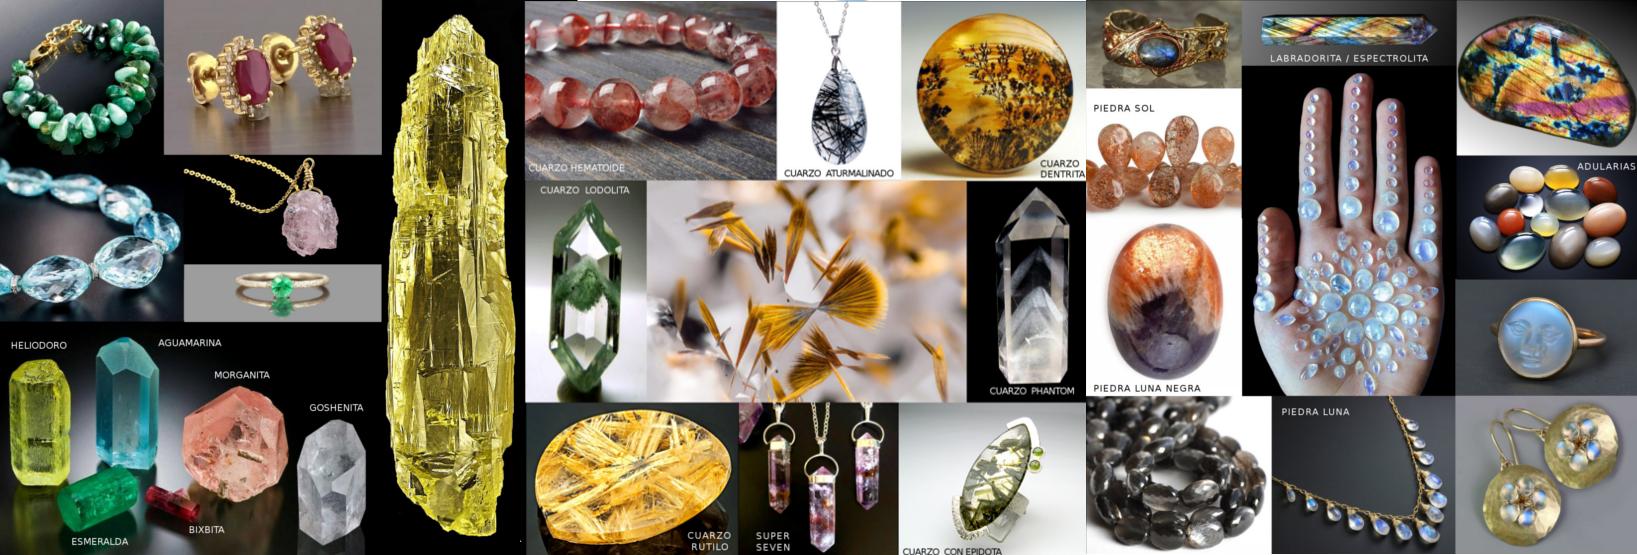 Minerales y bisutería al por mayor